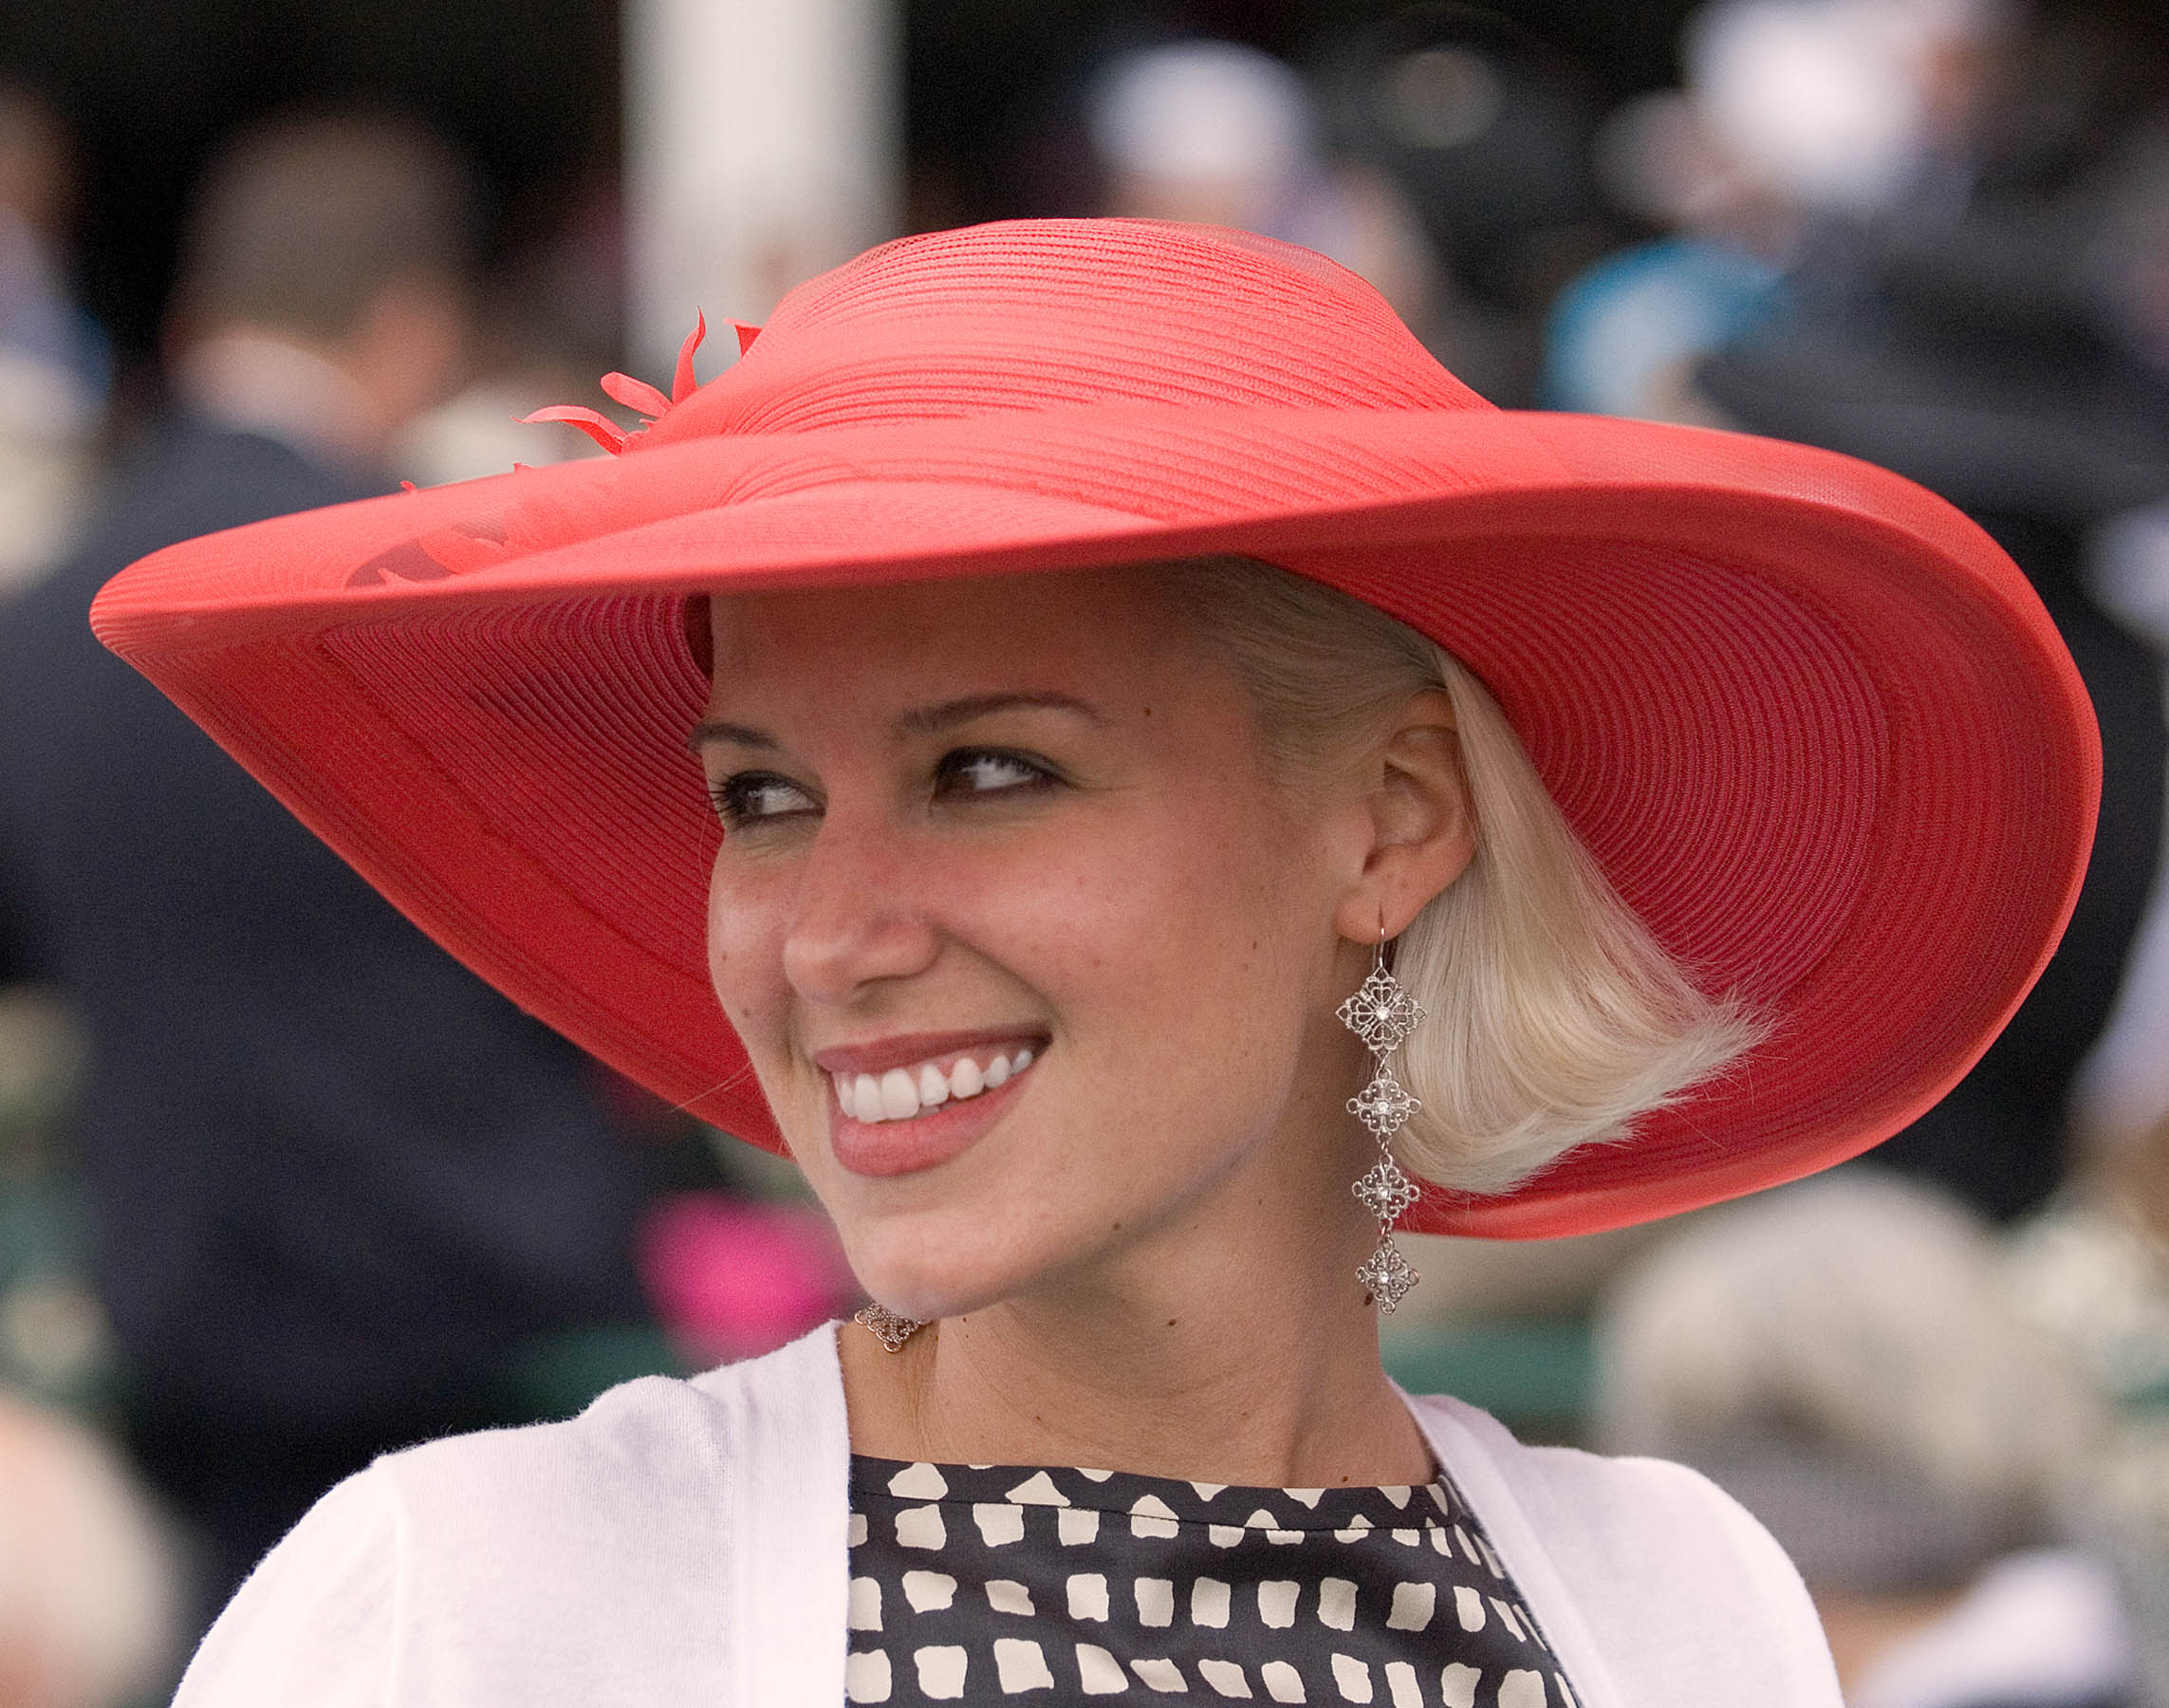 31_red hat.jpg